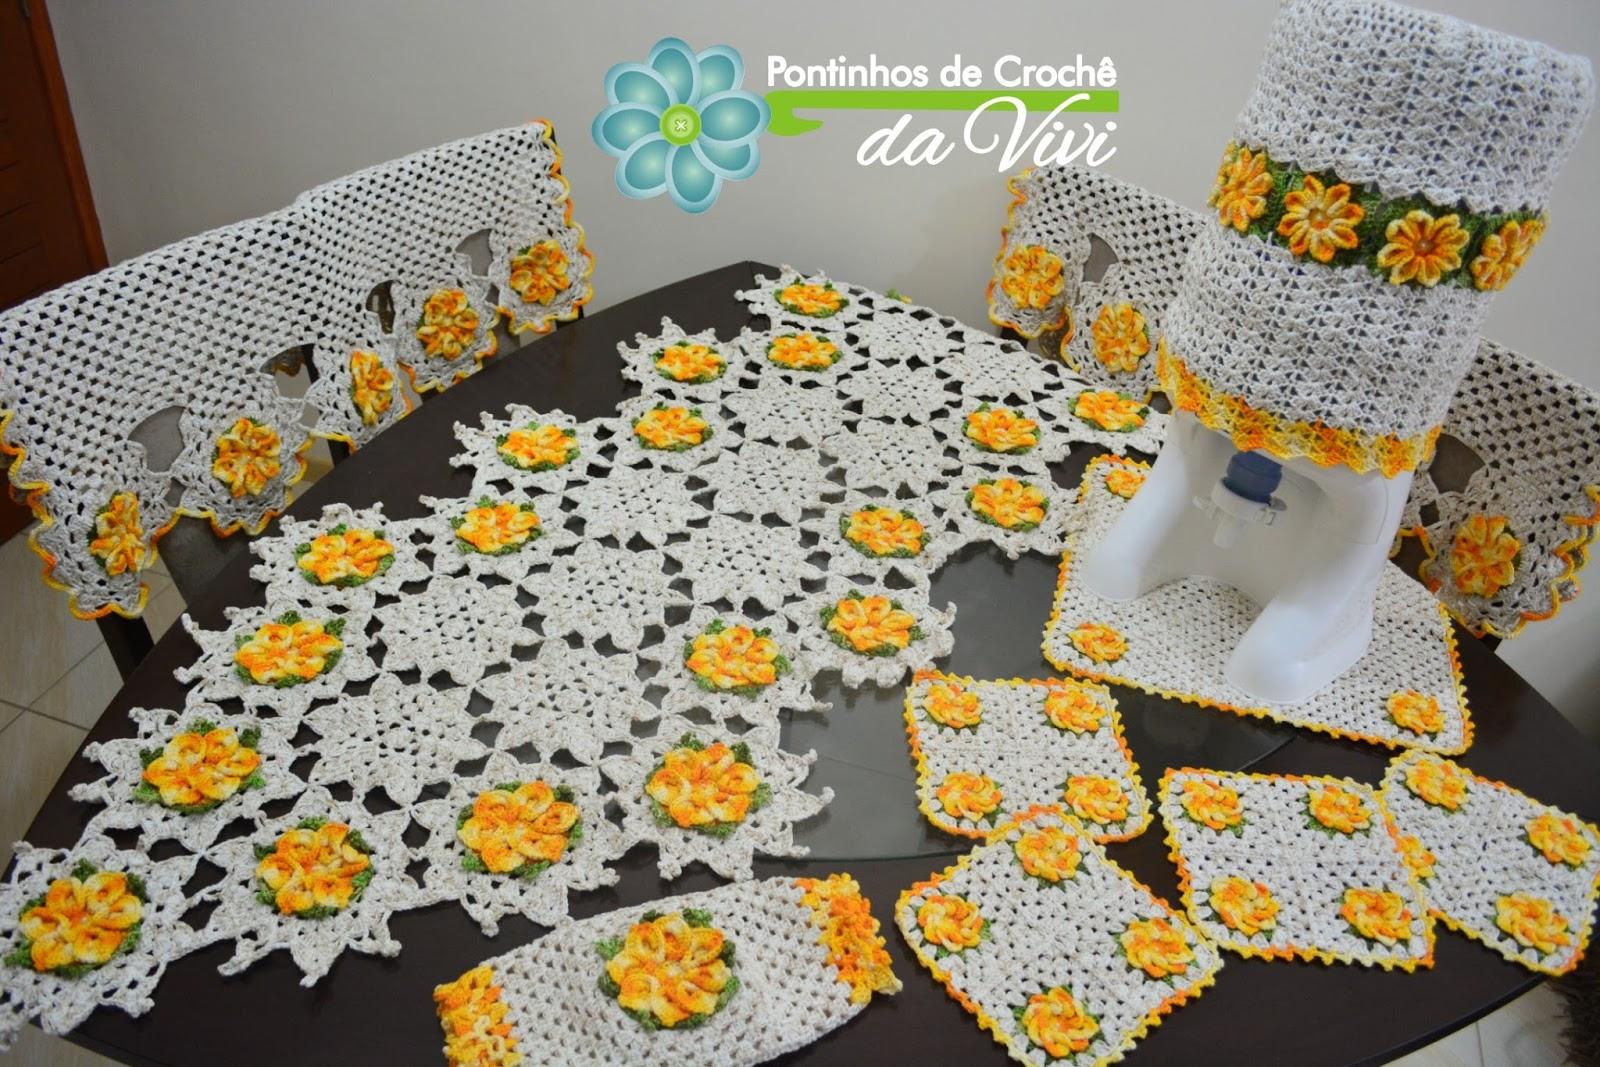 Imagens De Croche Para Cozinha Imagens De Croche Para Cozinha With